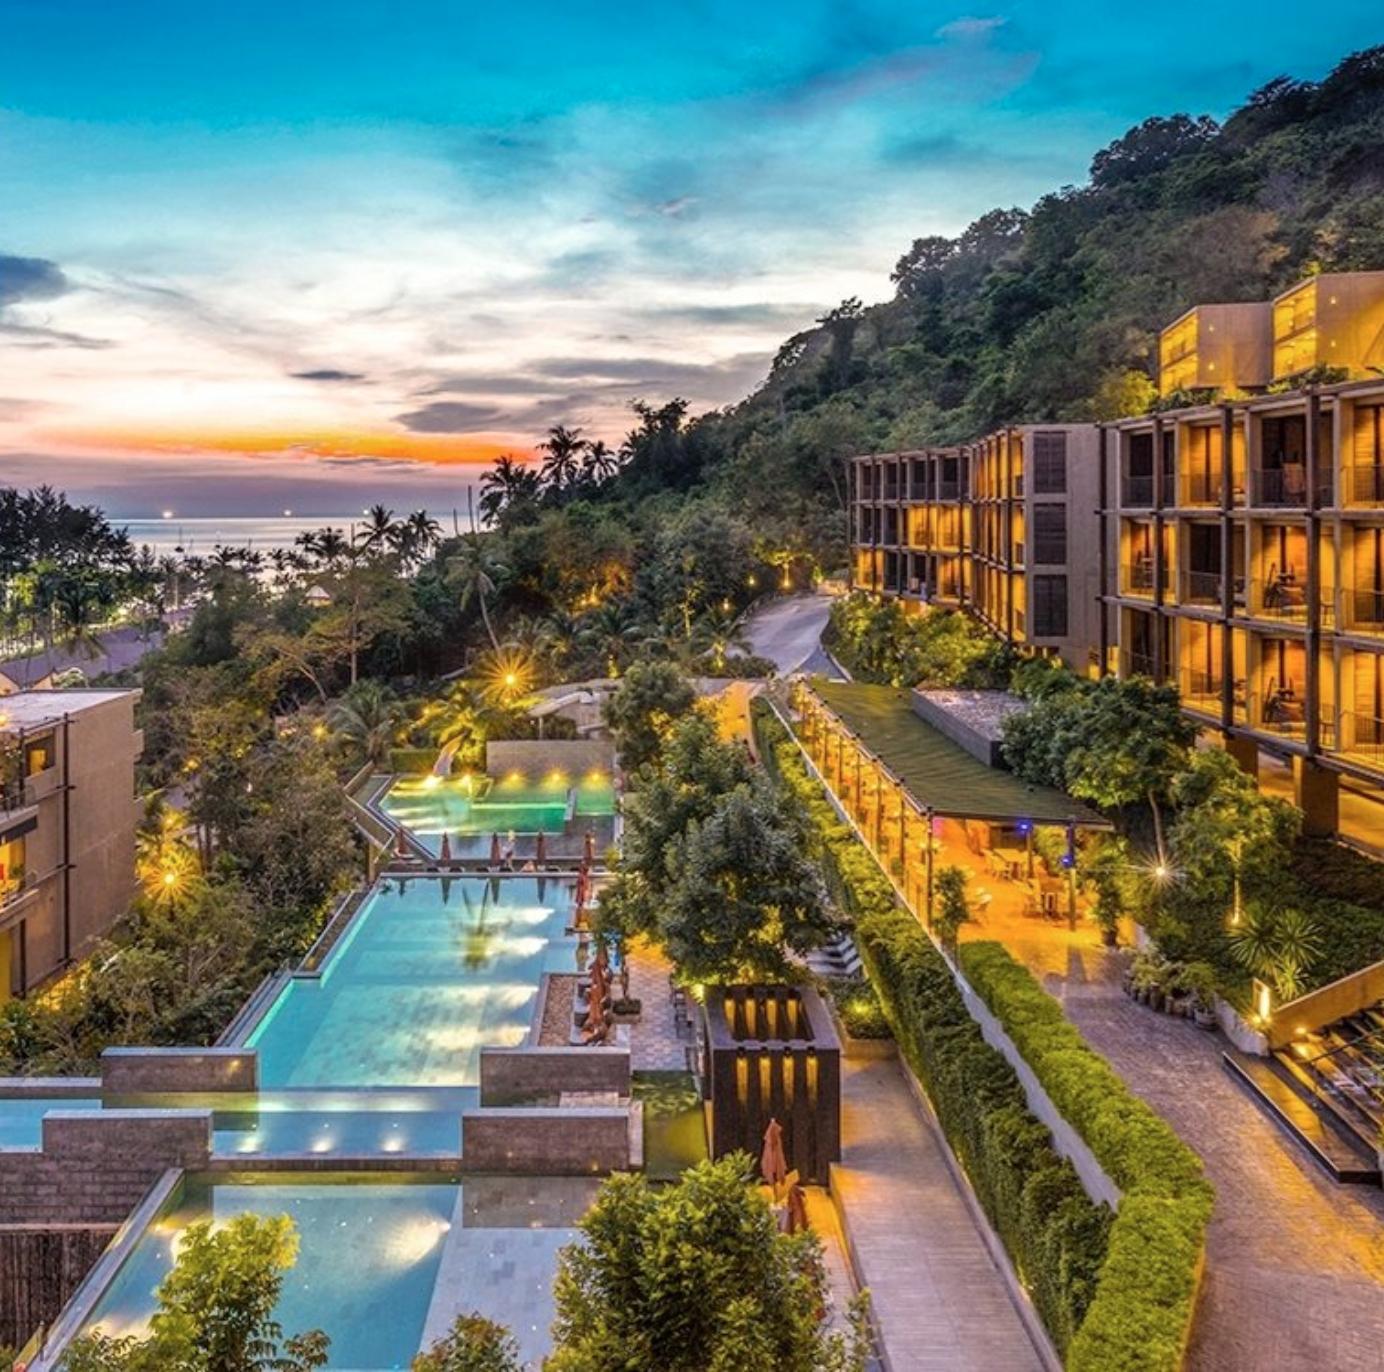 Phuket, Thailand: 7 Nächte - 5*Sunsuri Phuket - Superior-Doppelzimmer inkl. Frühstück, Massage & Dinner / bis Nov. 2022 / gratis Storno